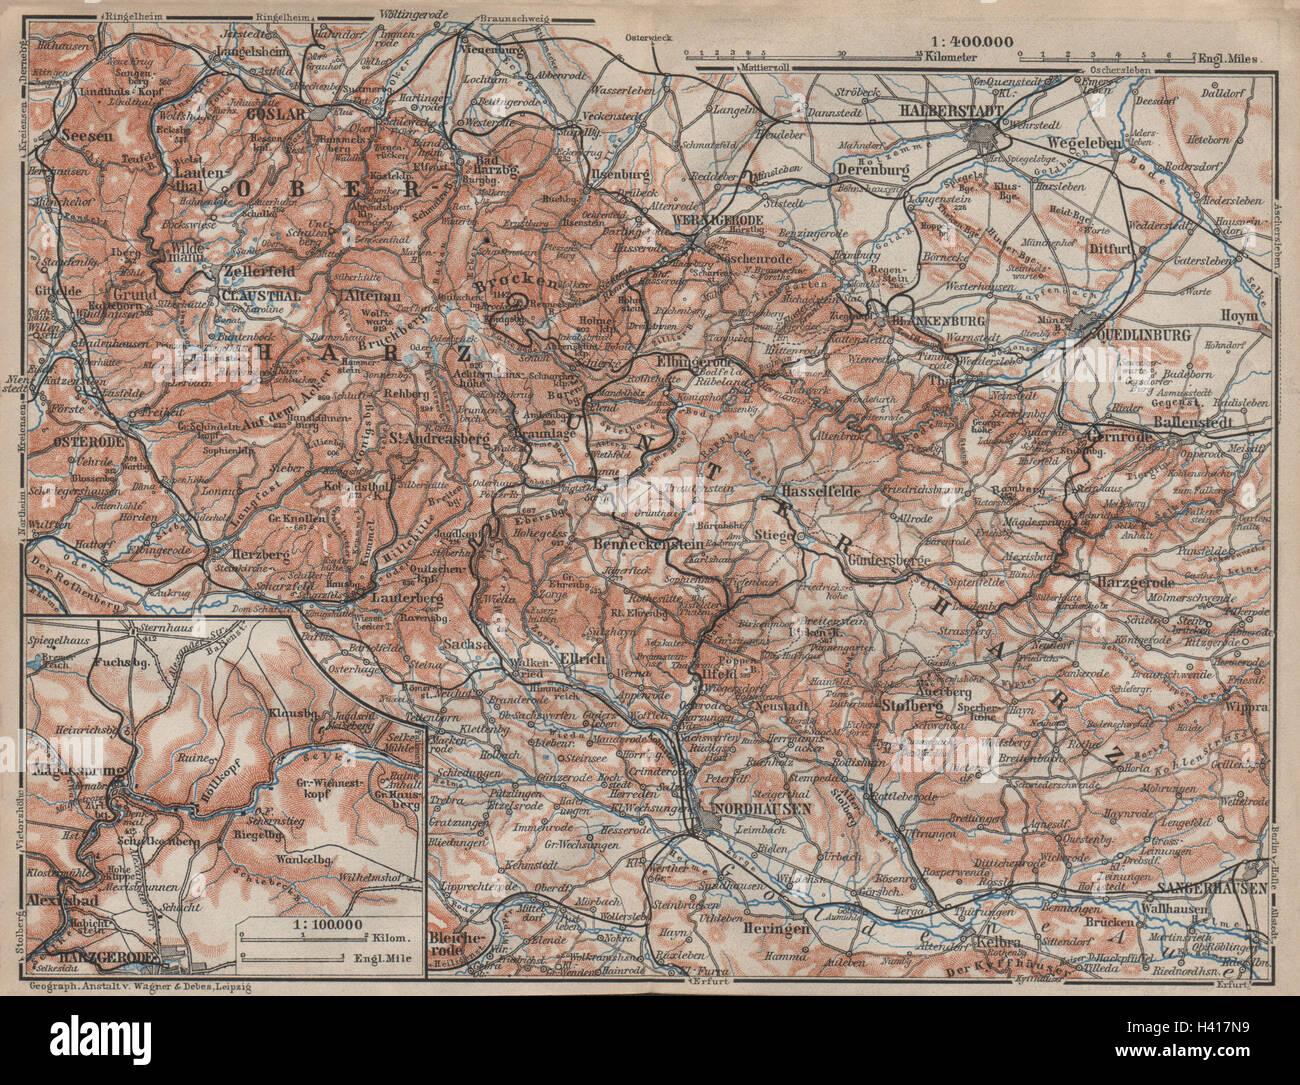 Nordhausen Karte.Harz Mountains Topo Map Harzgerode Halberstadt Nordhausen Karte